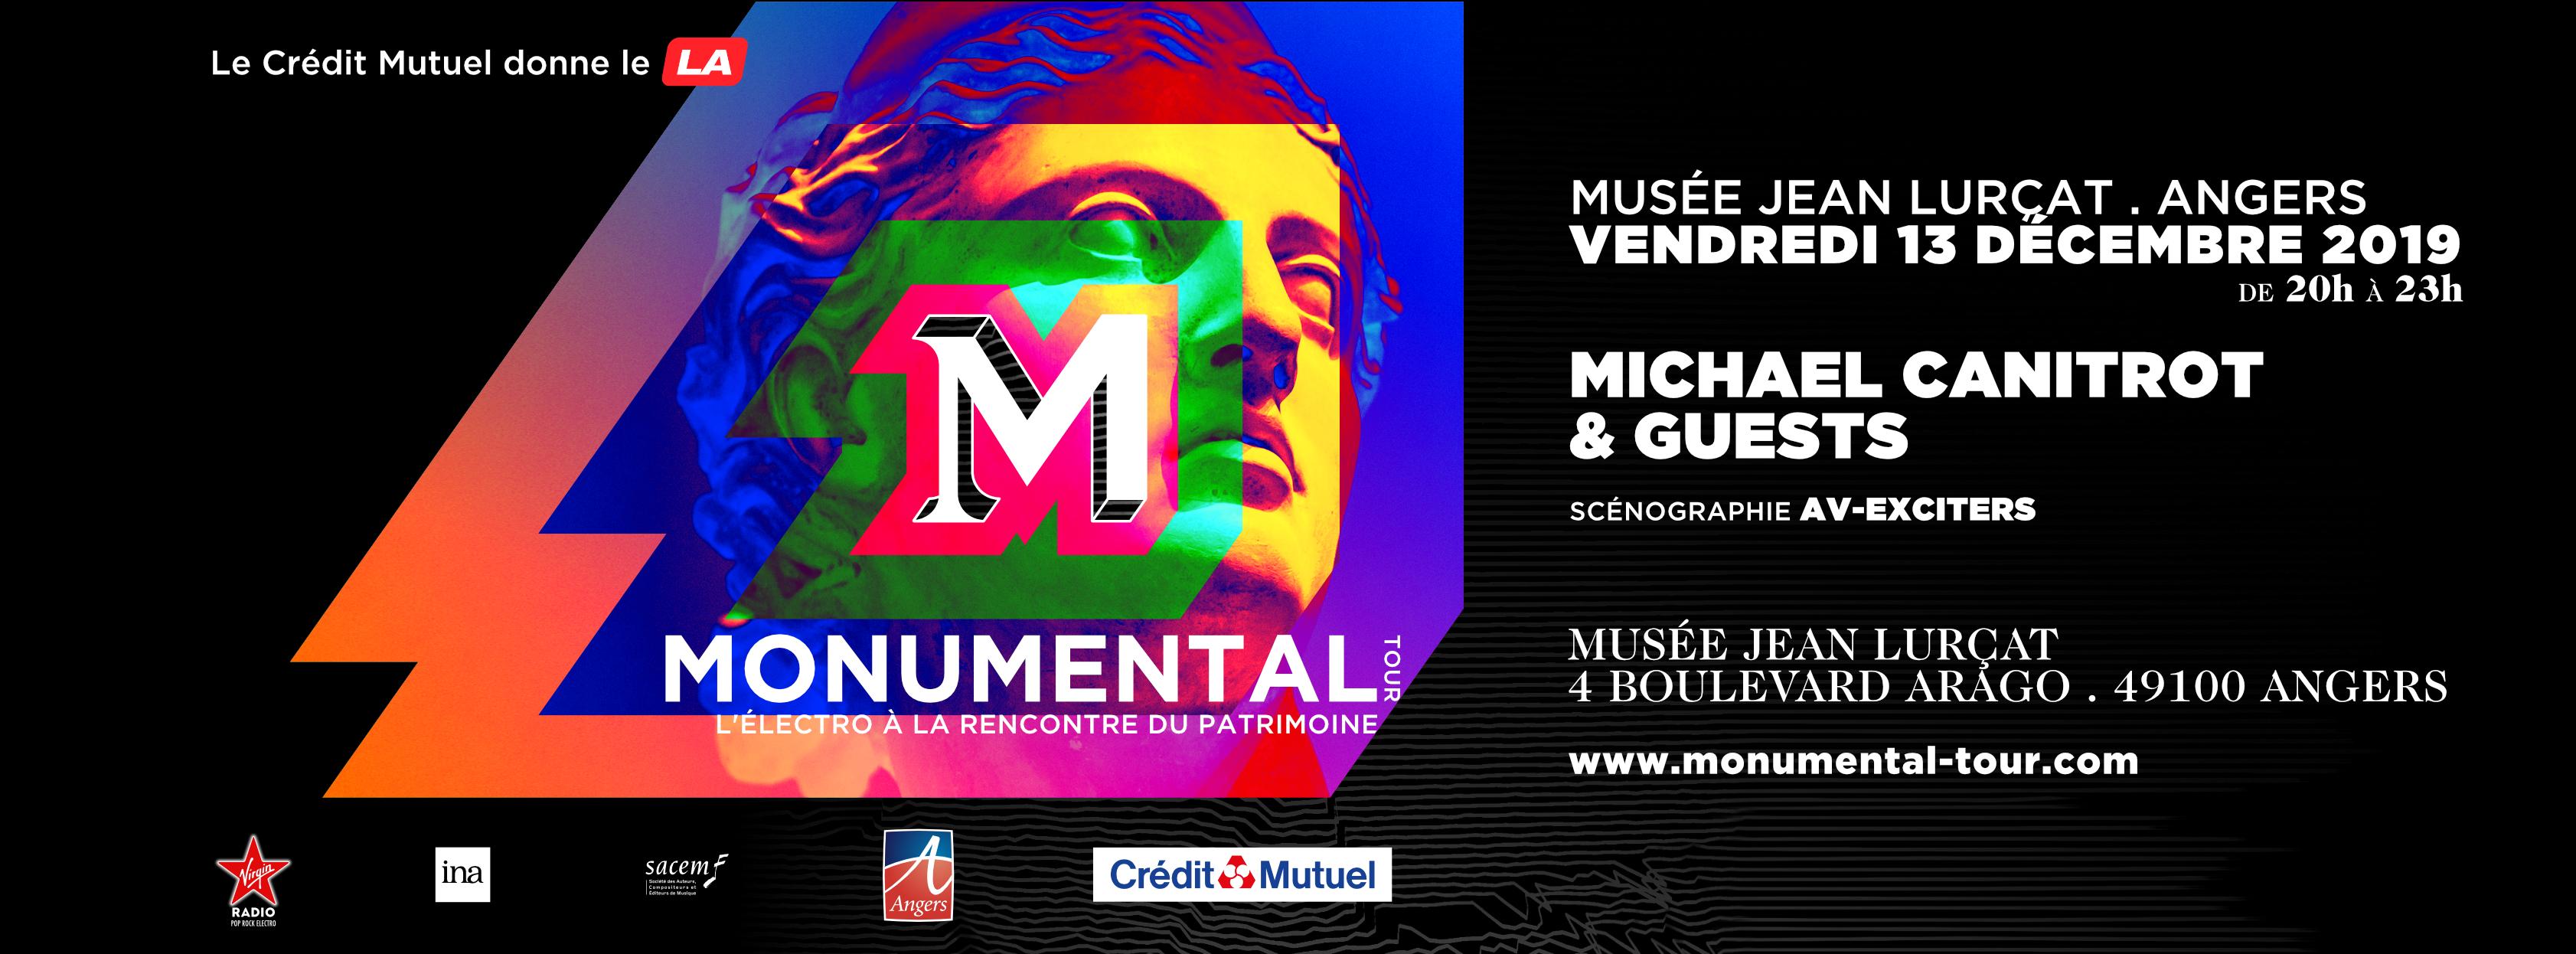 Monumental Tour - Angers - Musée Jean-Lurçat